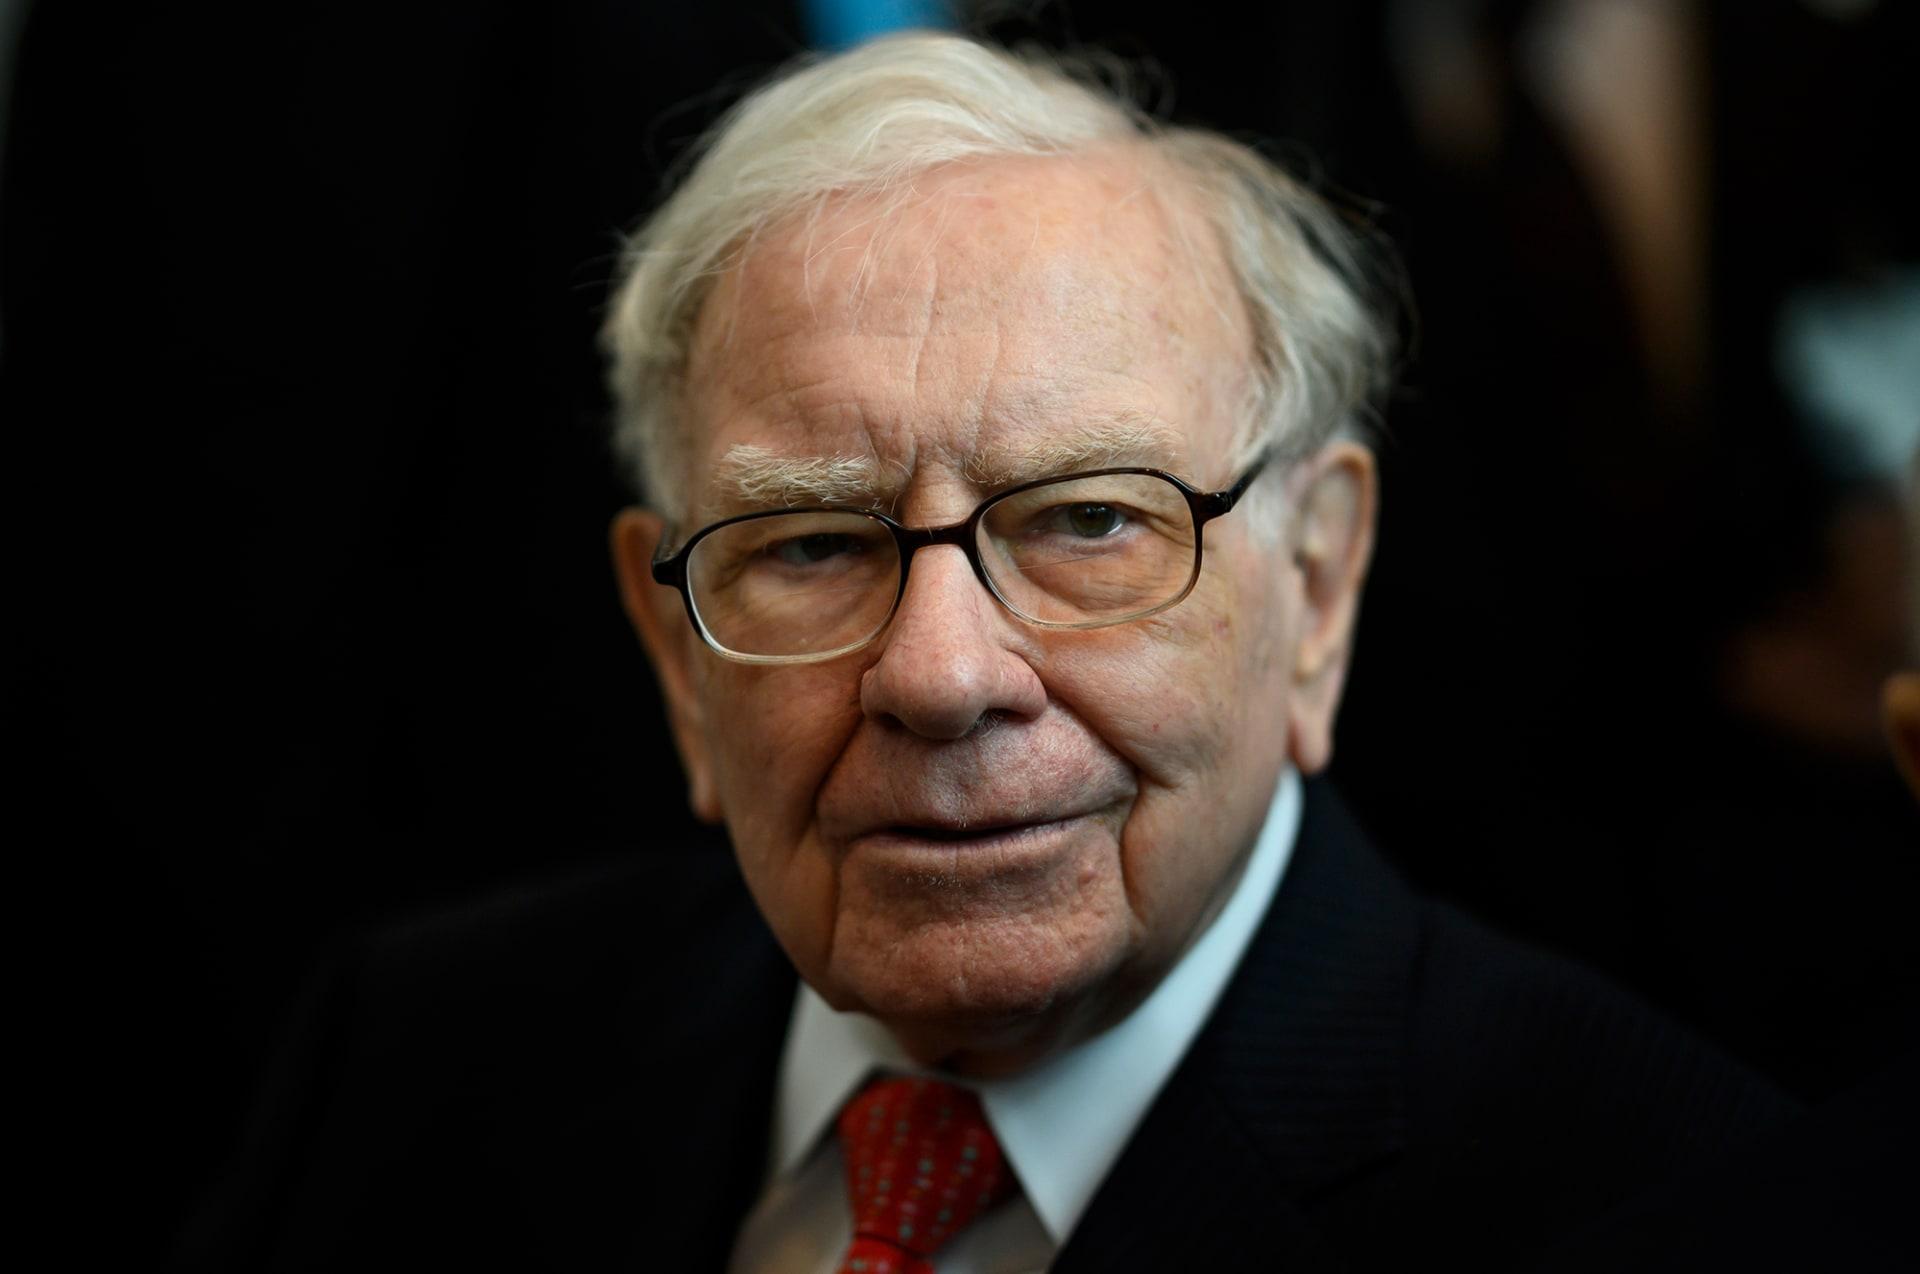 بثروة تبلغ 100 مليار دولار.. وارن بافيت يصبح سادس أغنى رجل في العالم